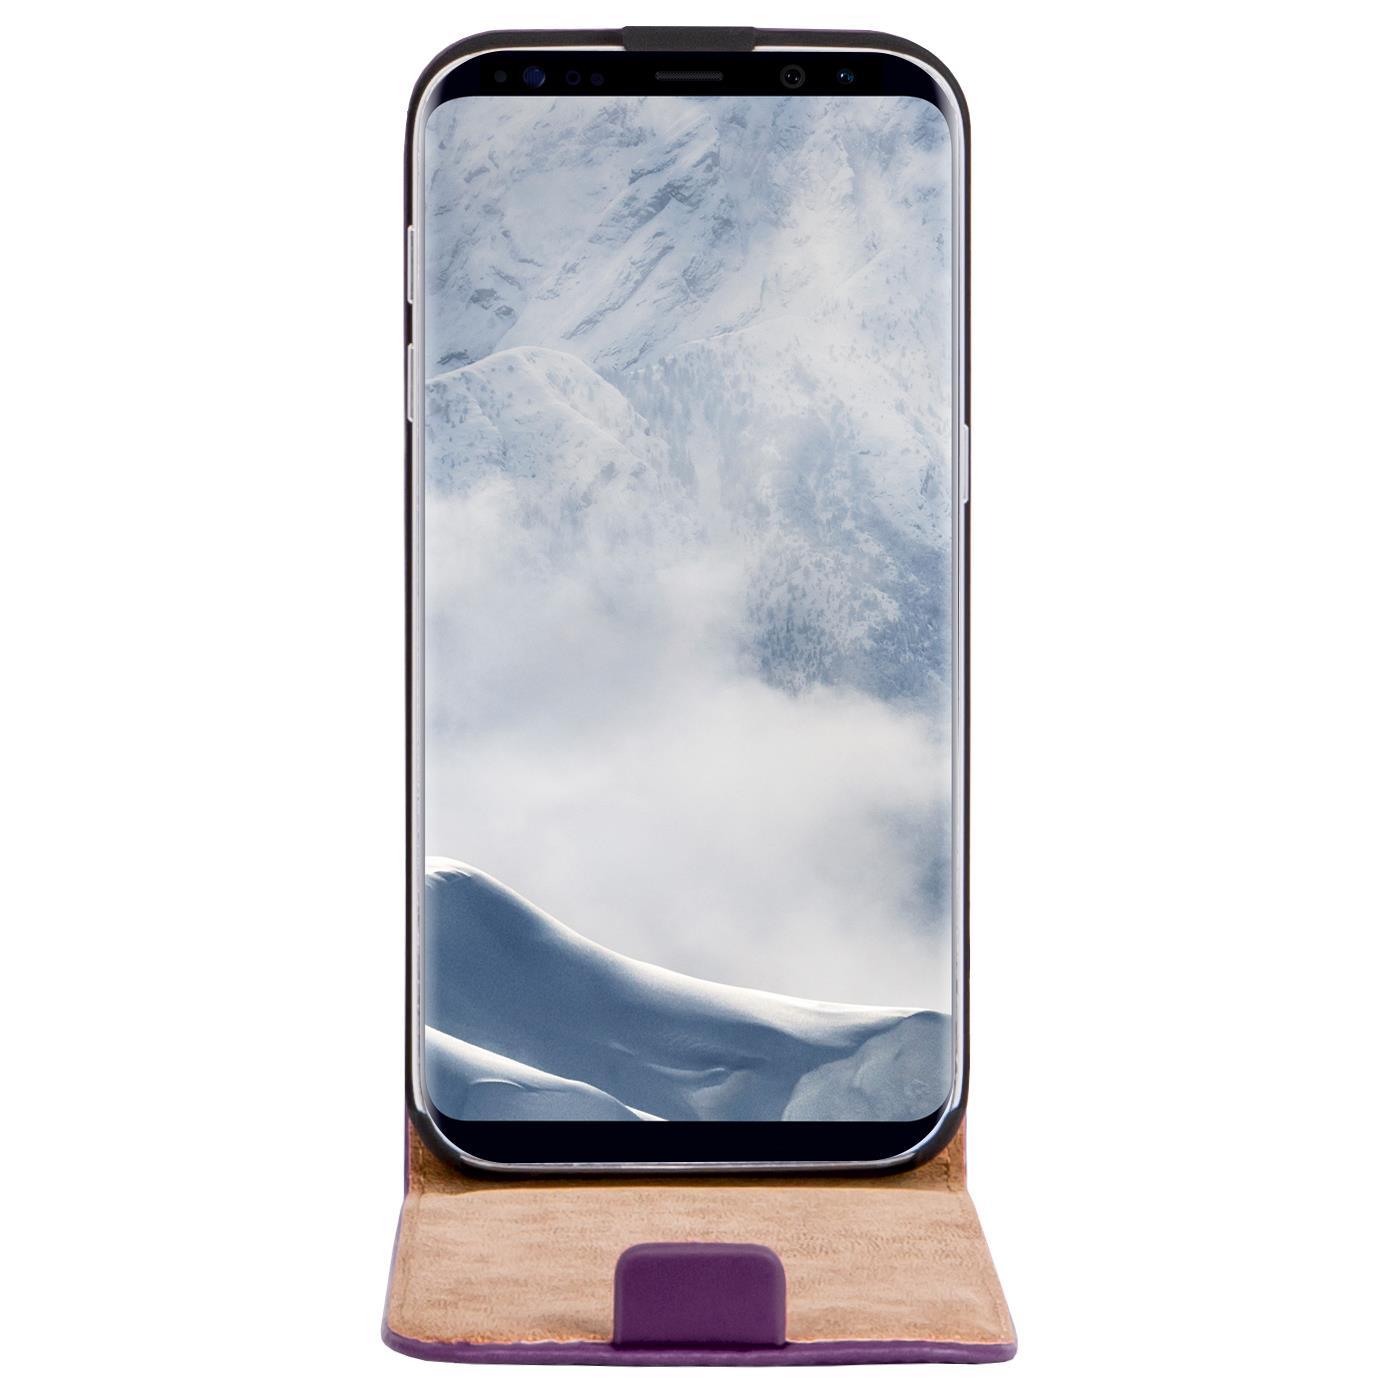 Klapphuelle-Samsung-Galaxy-Flip-Case-Tasche-Schutzhuelle-Cover-Schutz-Handy-Huelle Indexbild 26